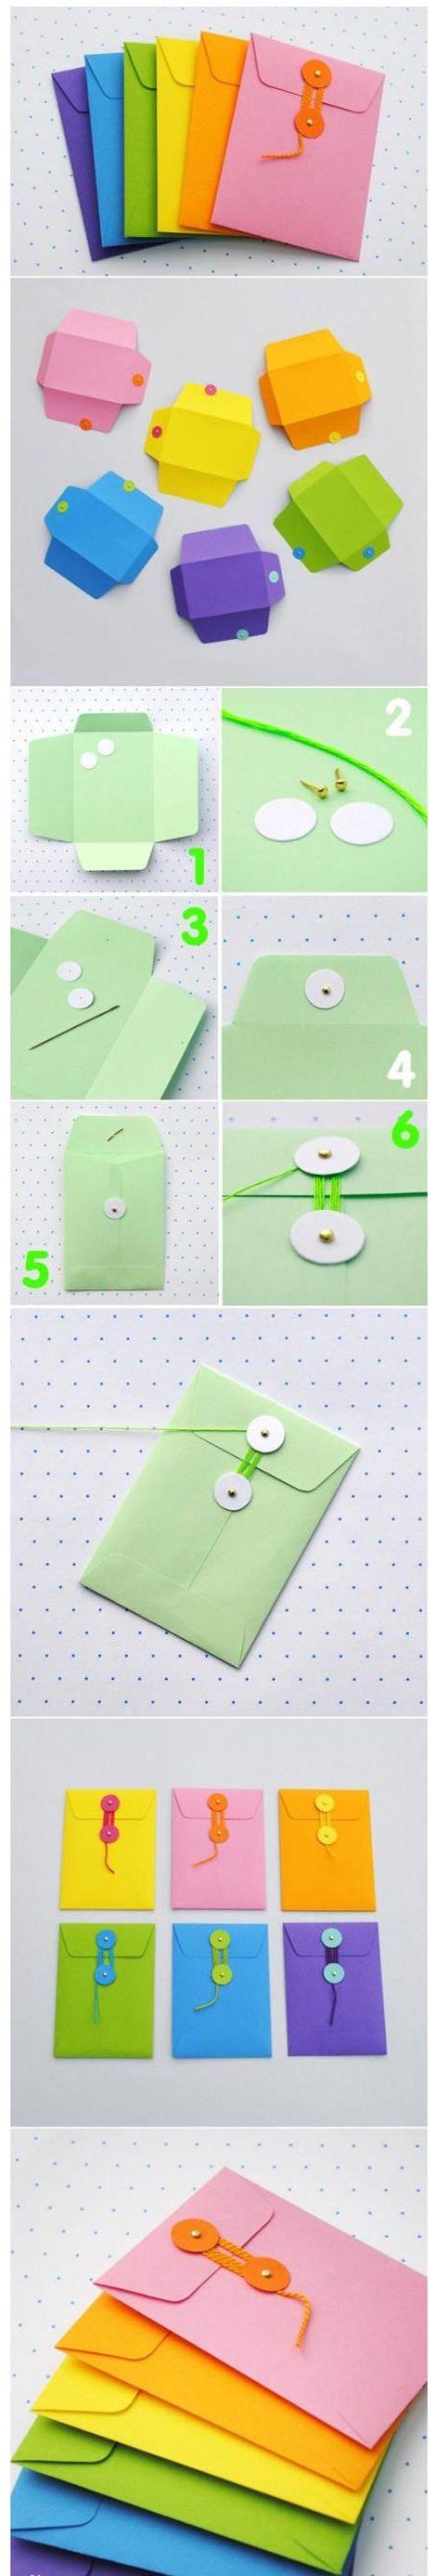 Diy Colorful Envelope | DIY & Crafts Tutorials